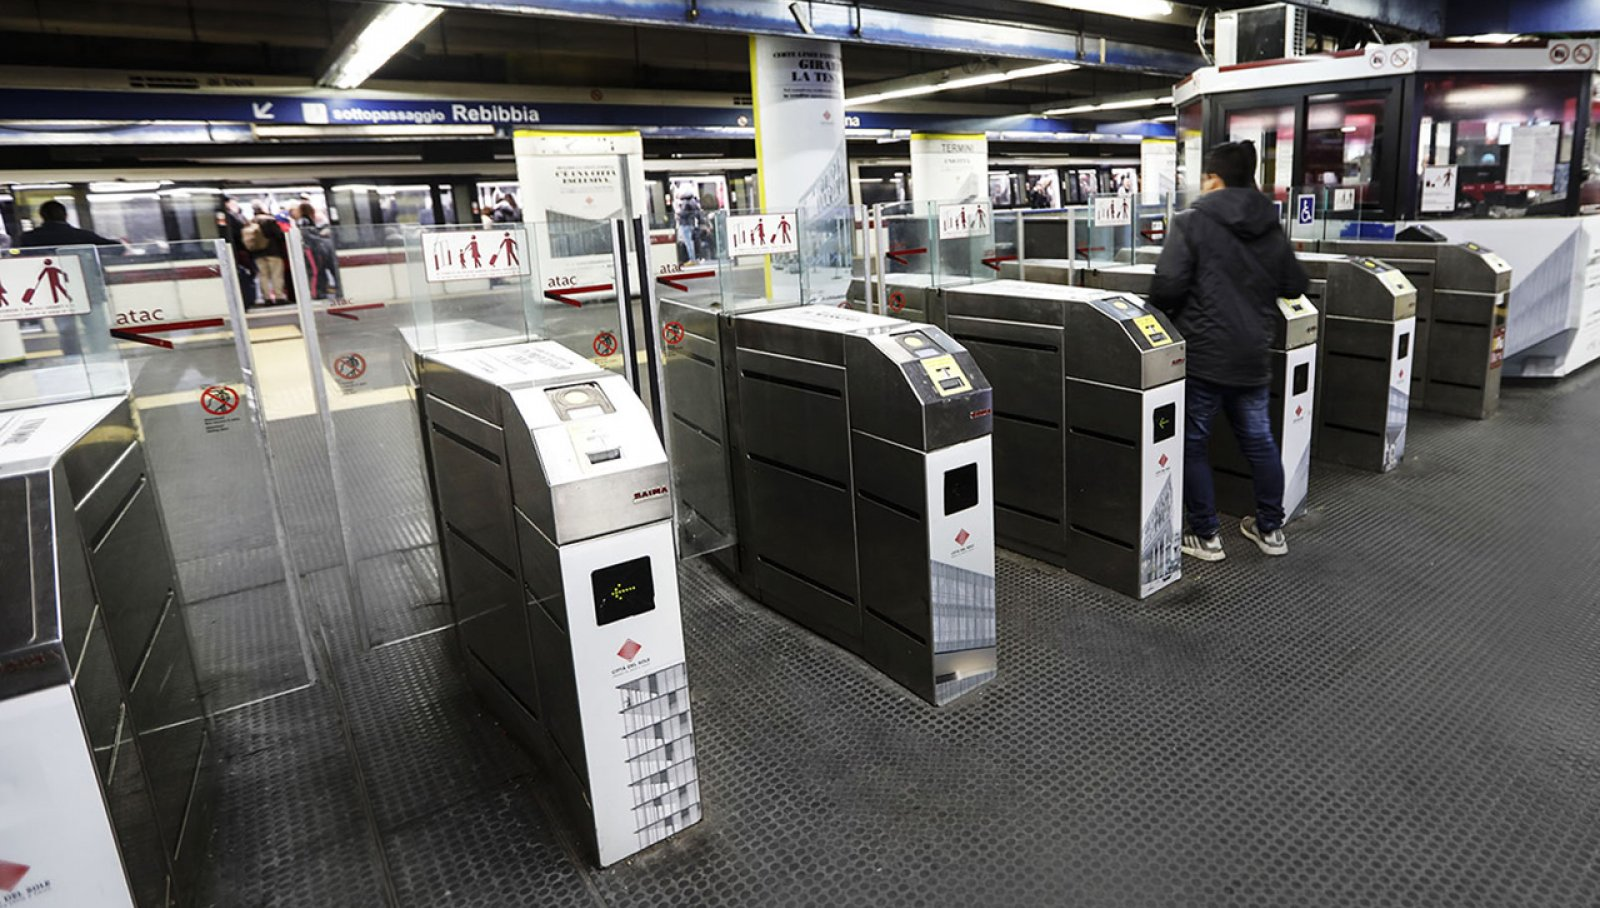 Pubblicità in metropolitana a Roma IGPDecaux station domination per Città del Sole